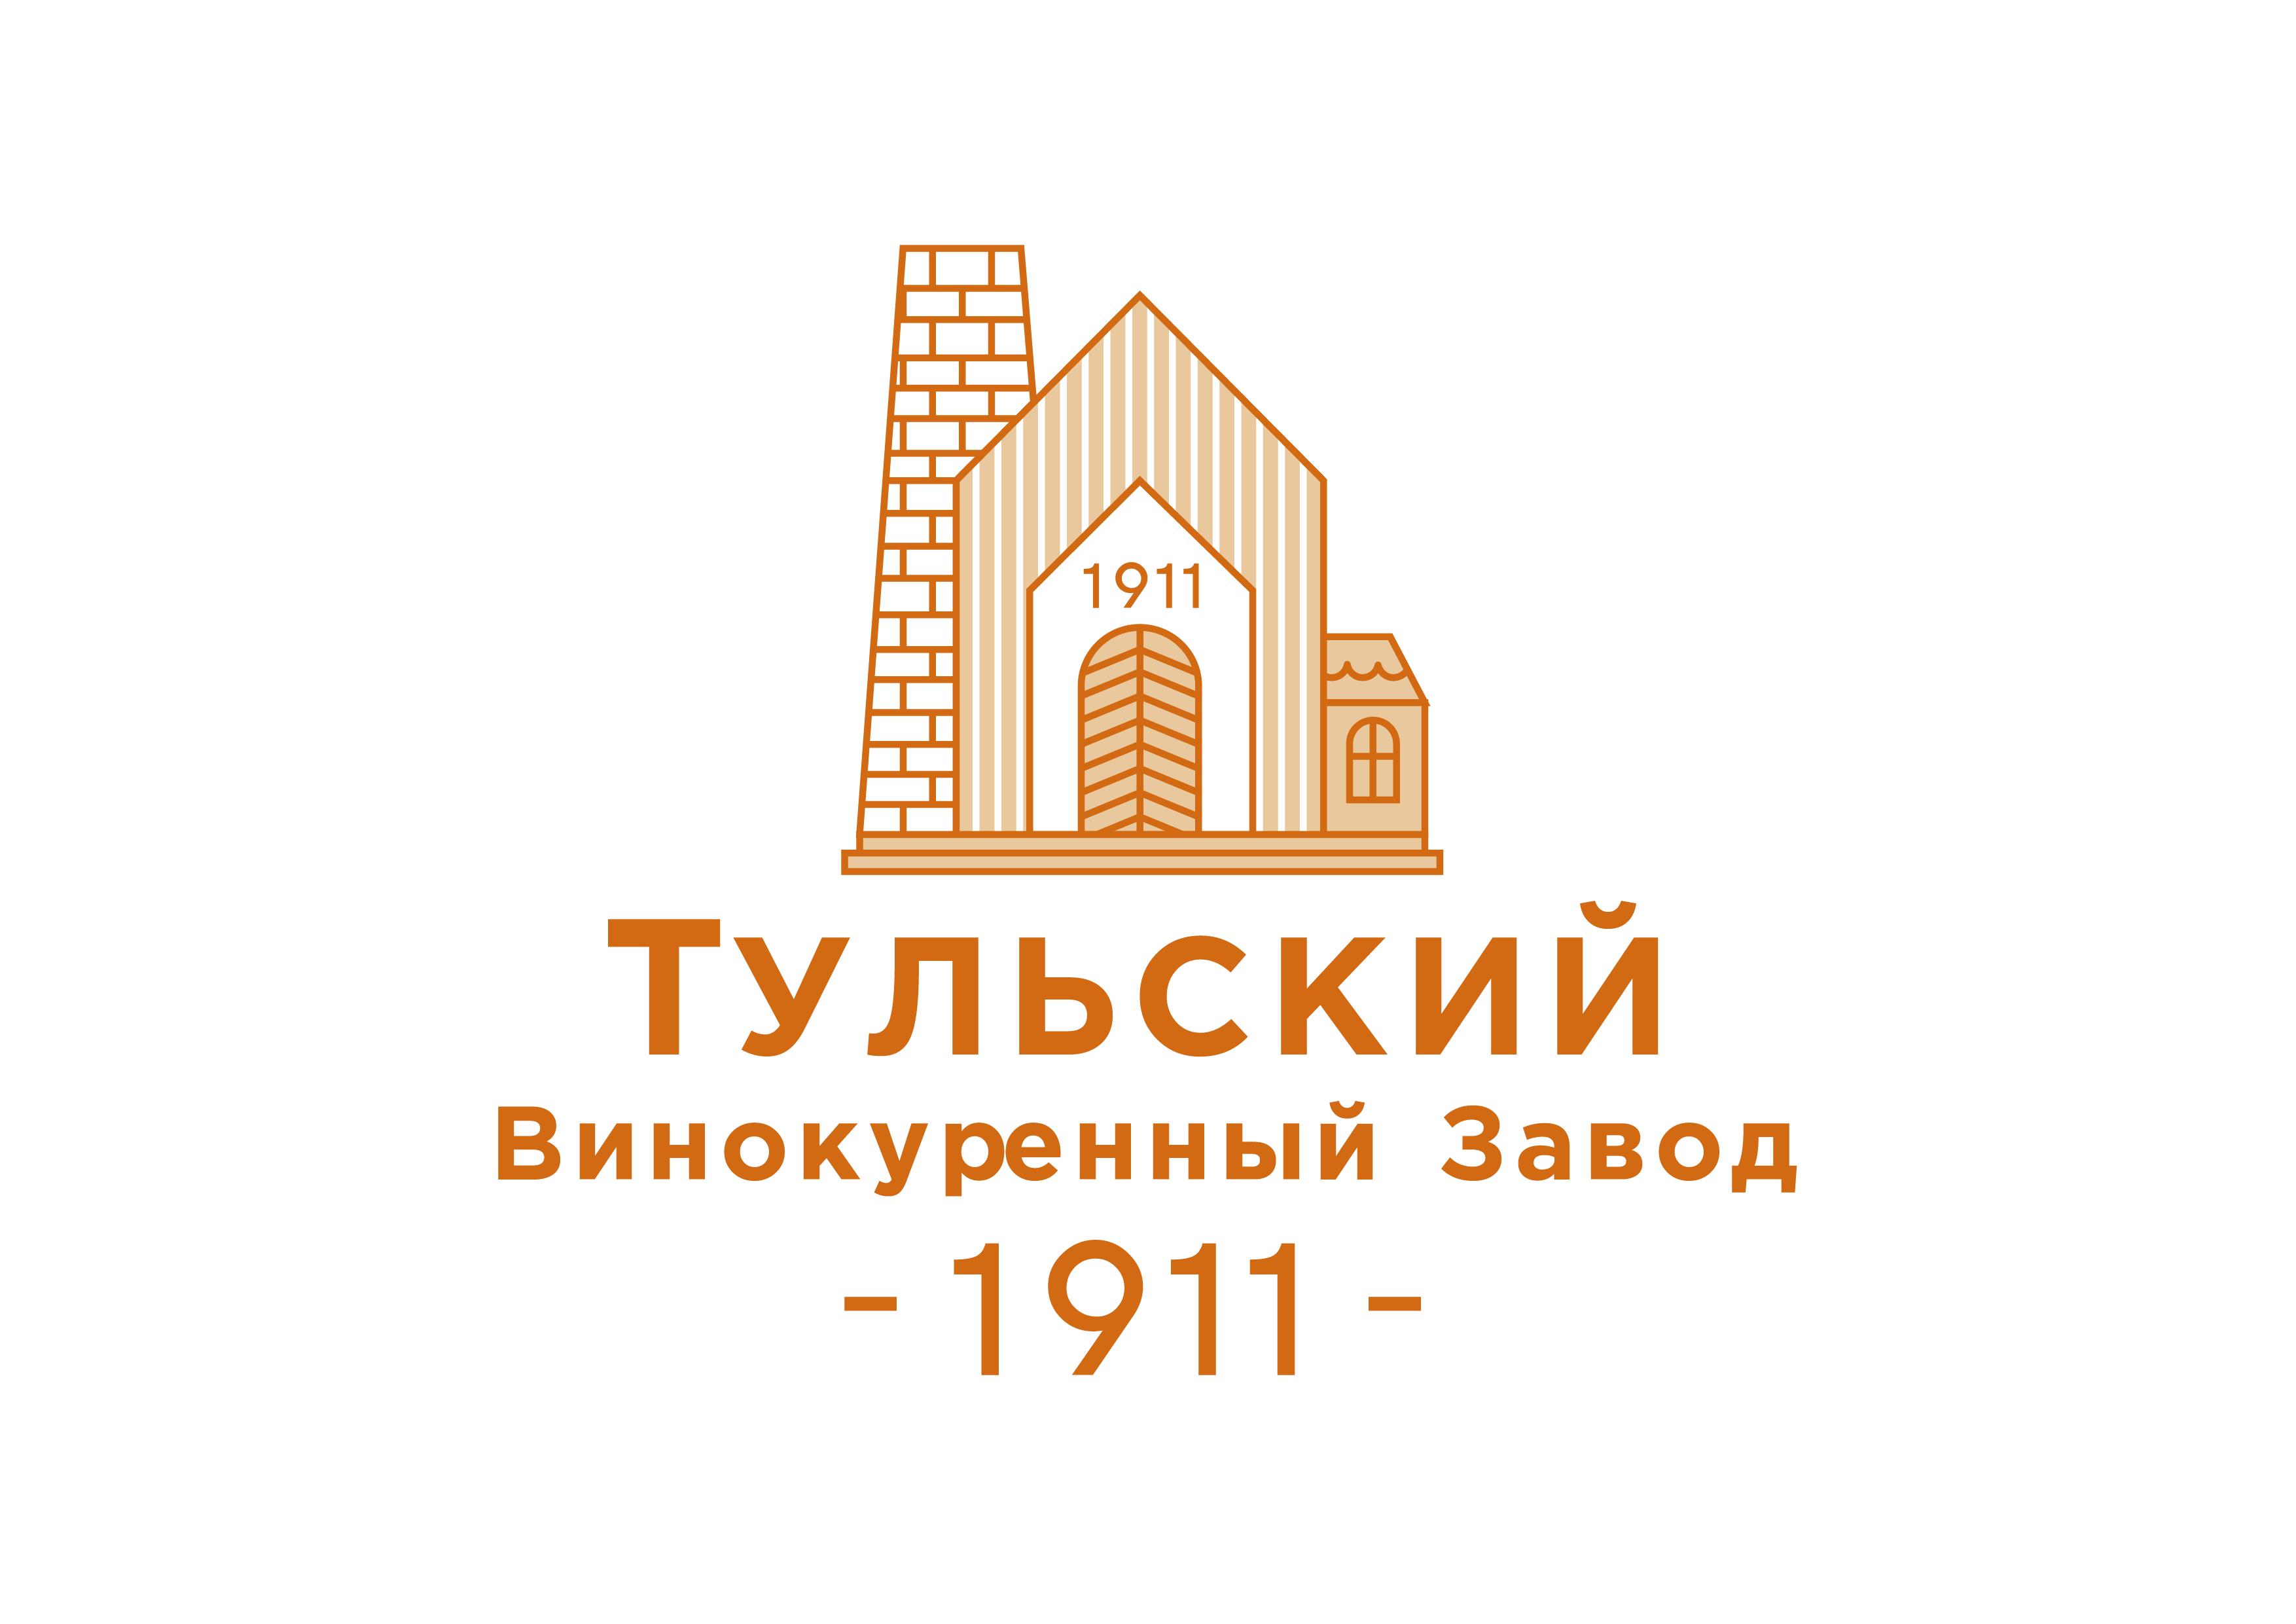 """ООО """"Тульский винокуренный завод 1911"""""""